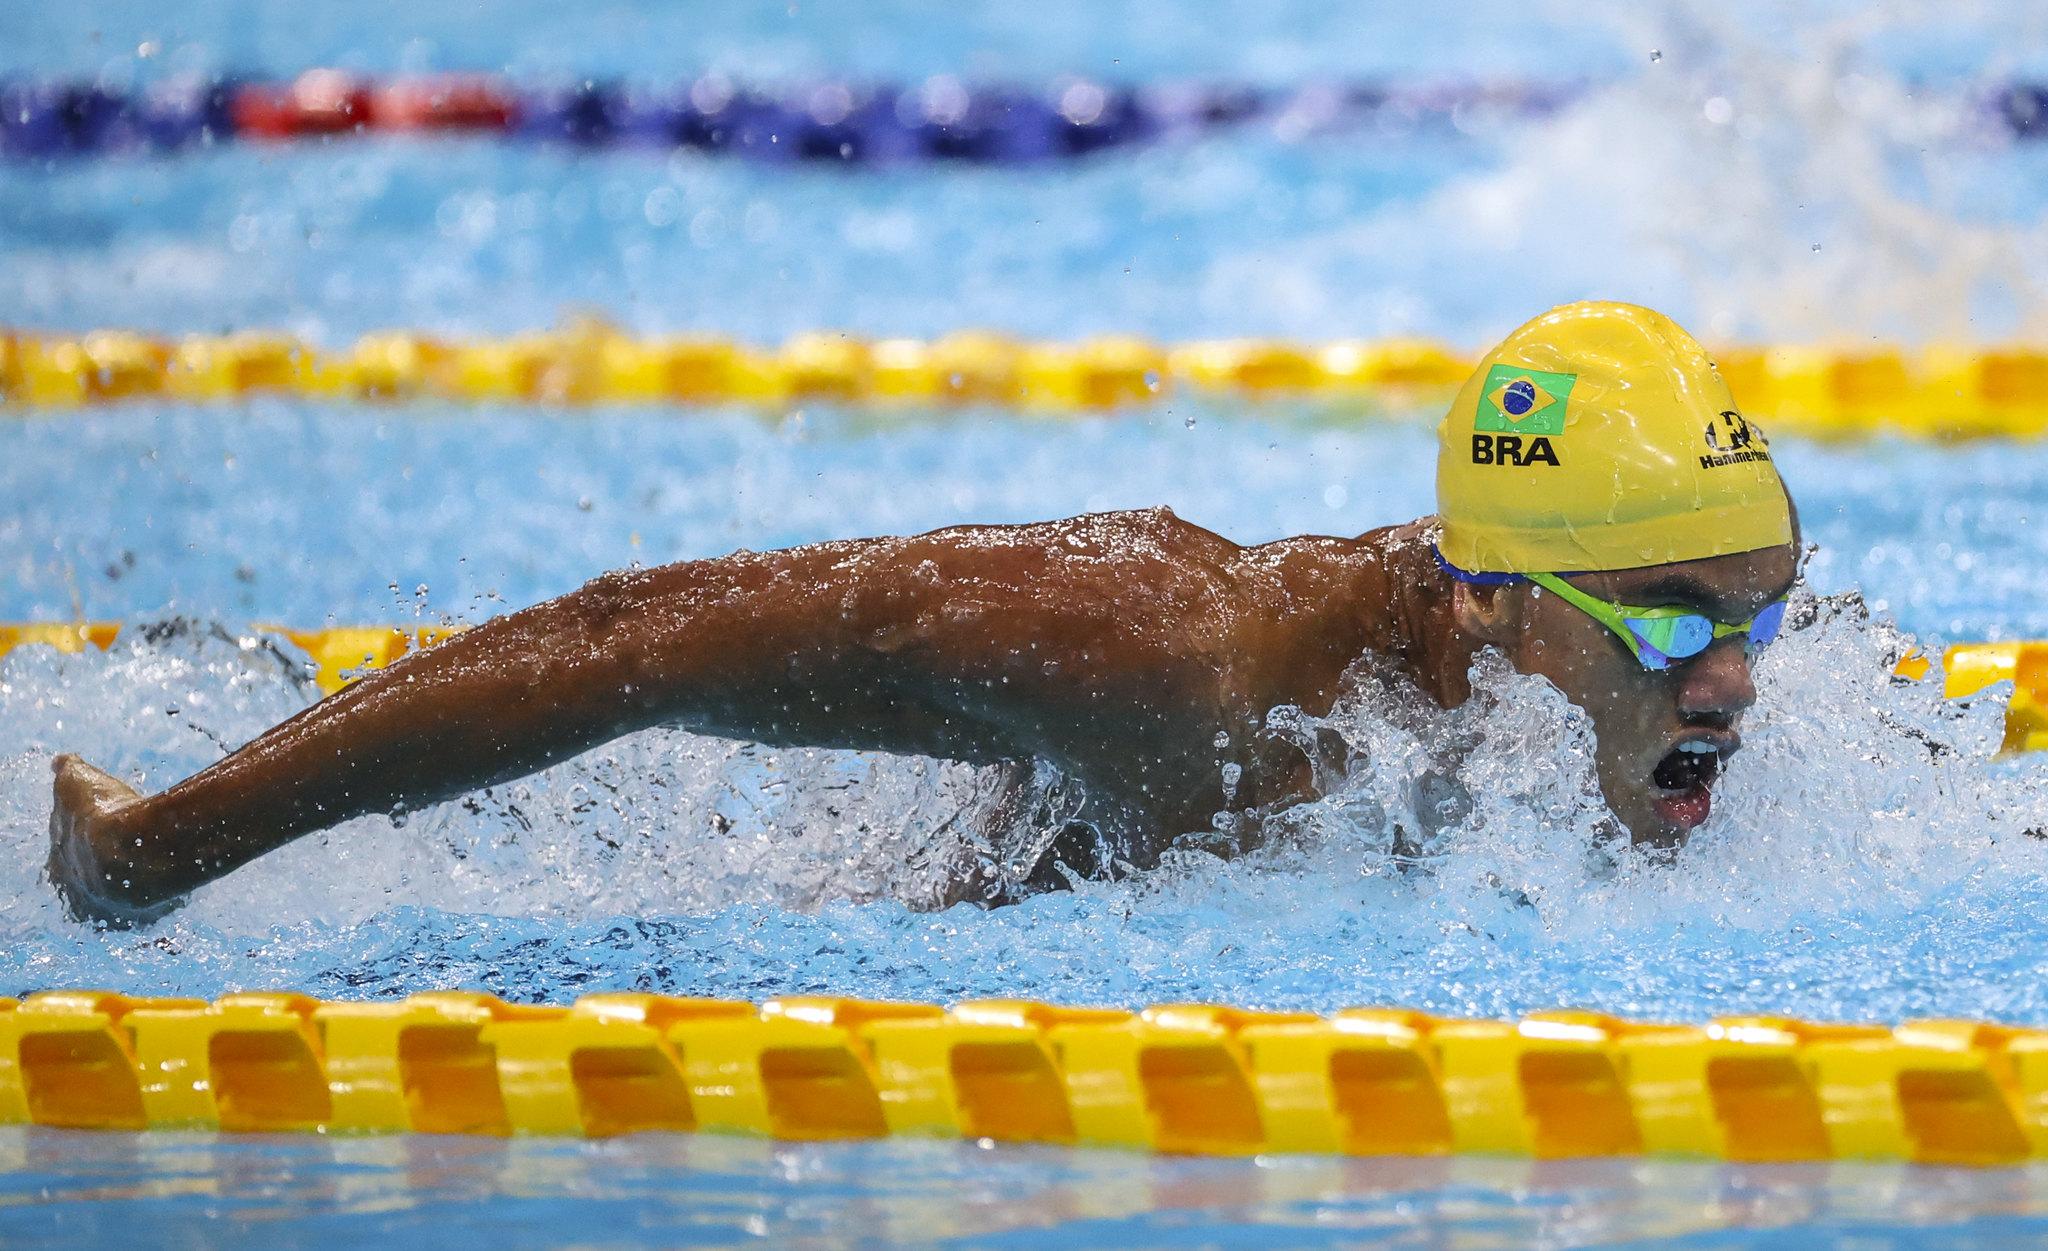 Wendell Belarmino fazendo o nado borboleta. Ele usa óculos verde e touca amarela e está com os braços para trás.